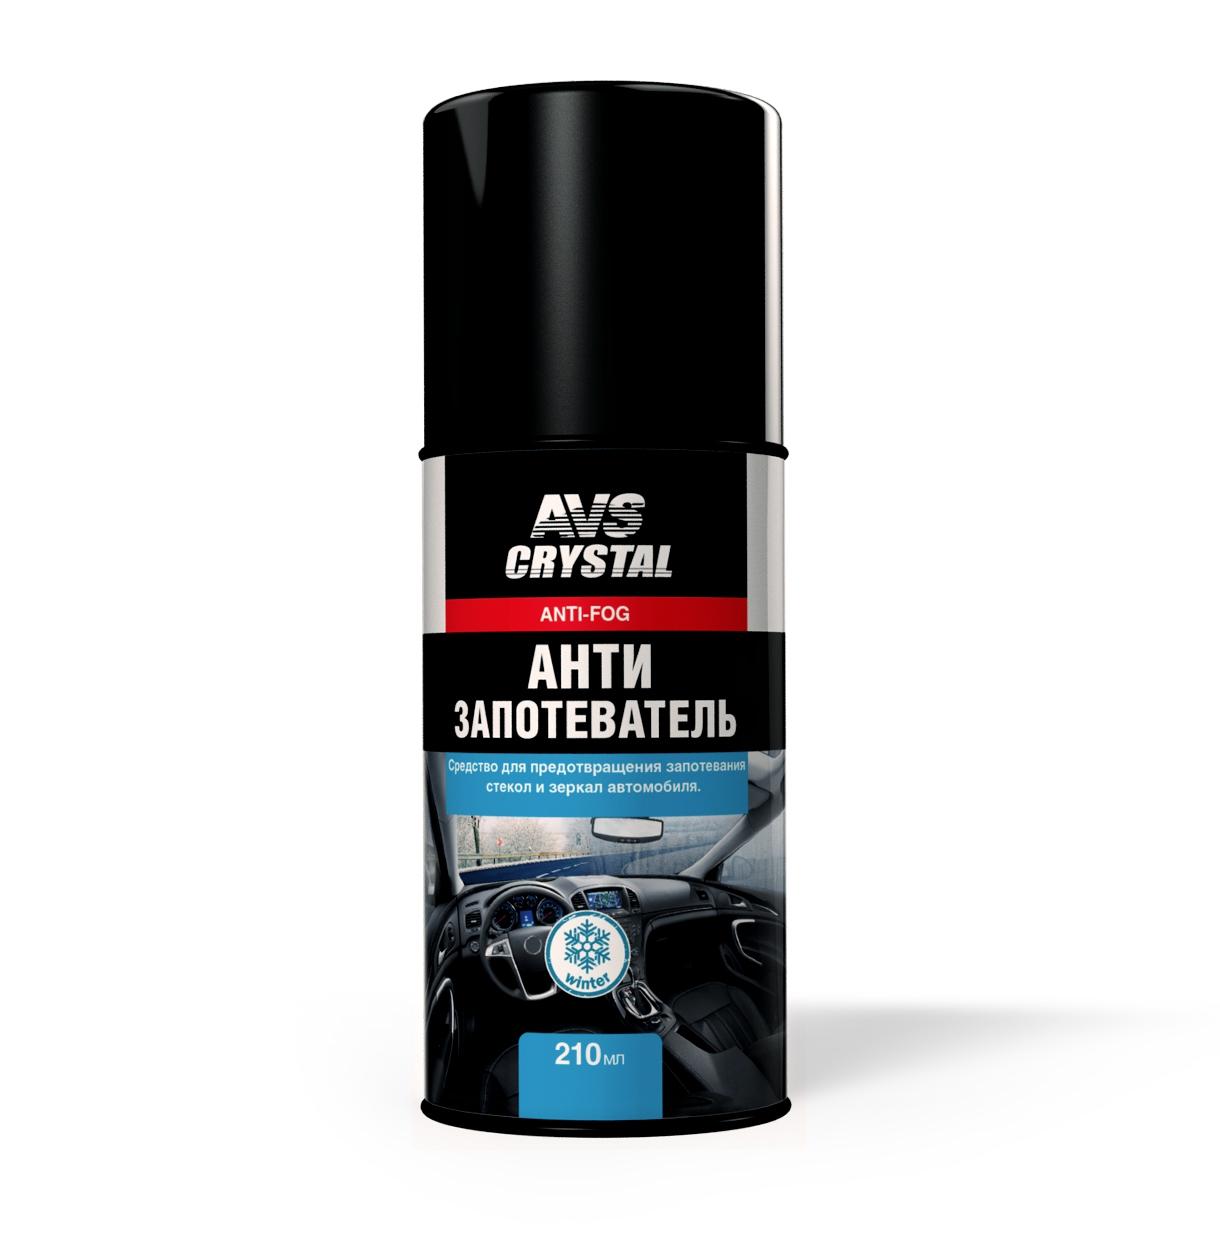 Антизапотеватель Avs Avk-077 фильтр aquakit 077 sld10 3p tp3 4